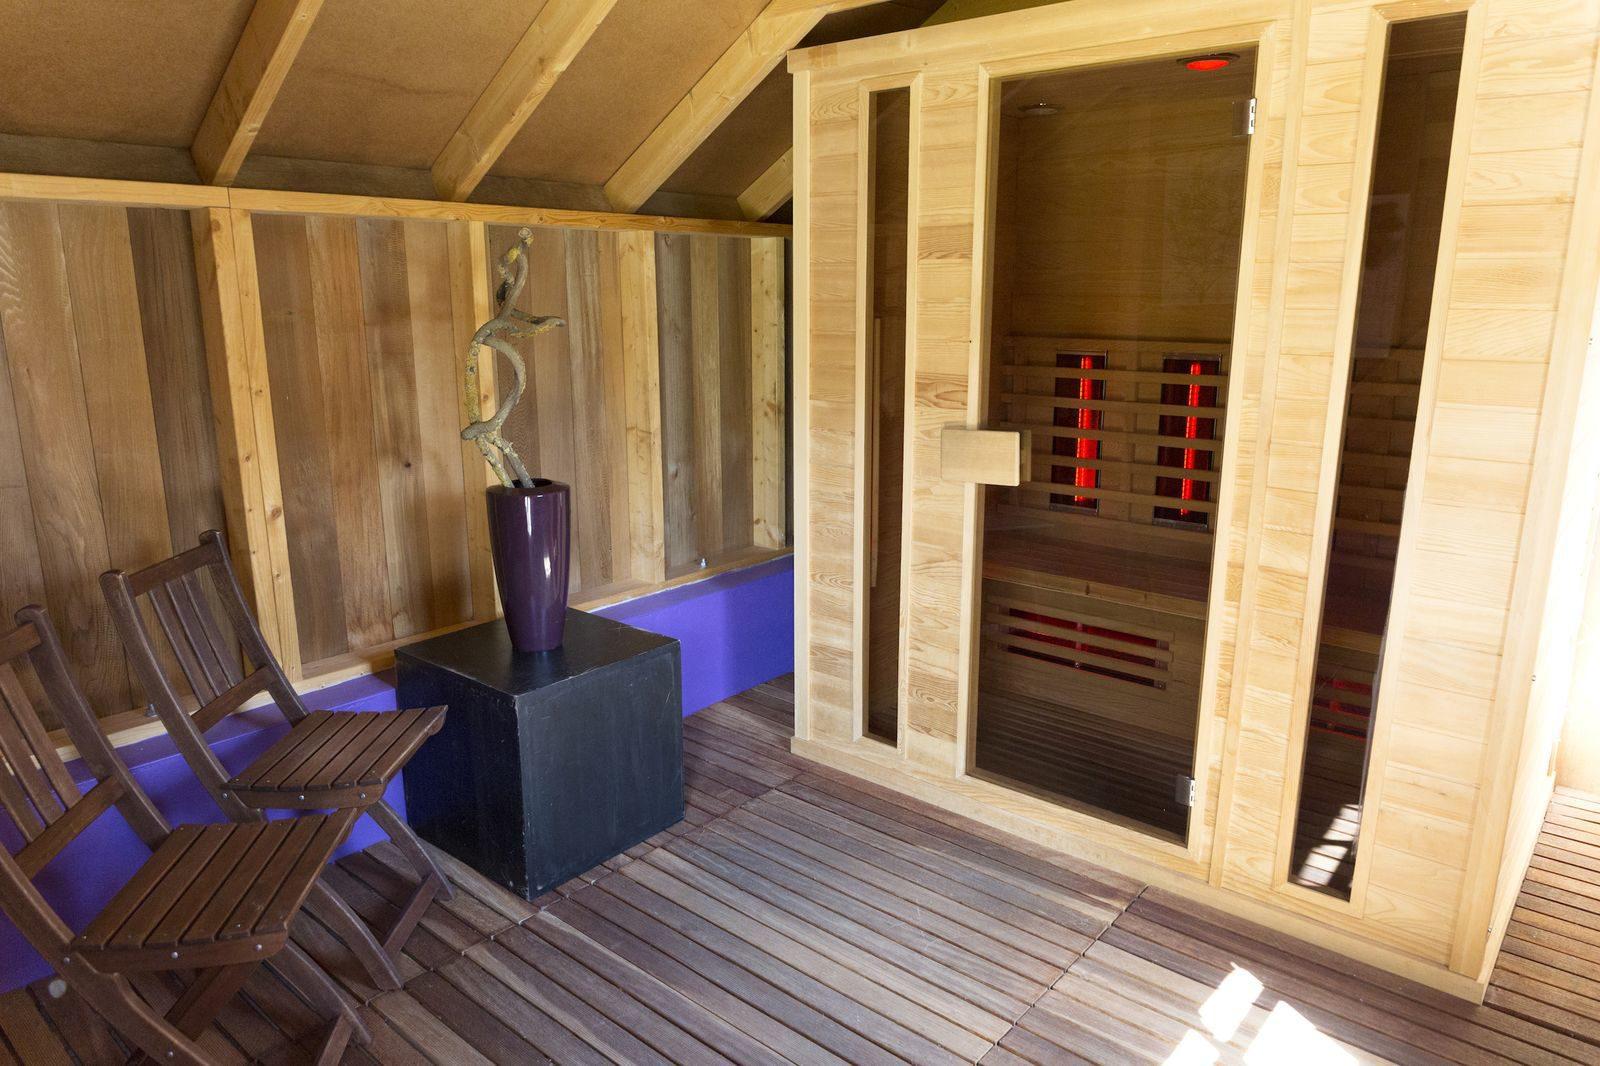 Fins Vakantie Huis : Vakantiehuis met sauna onthaasten in de achterhoek